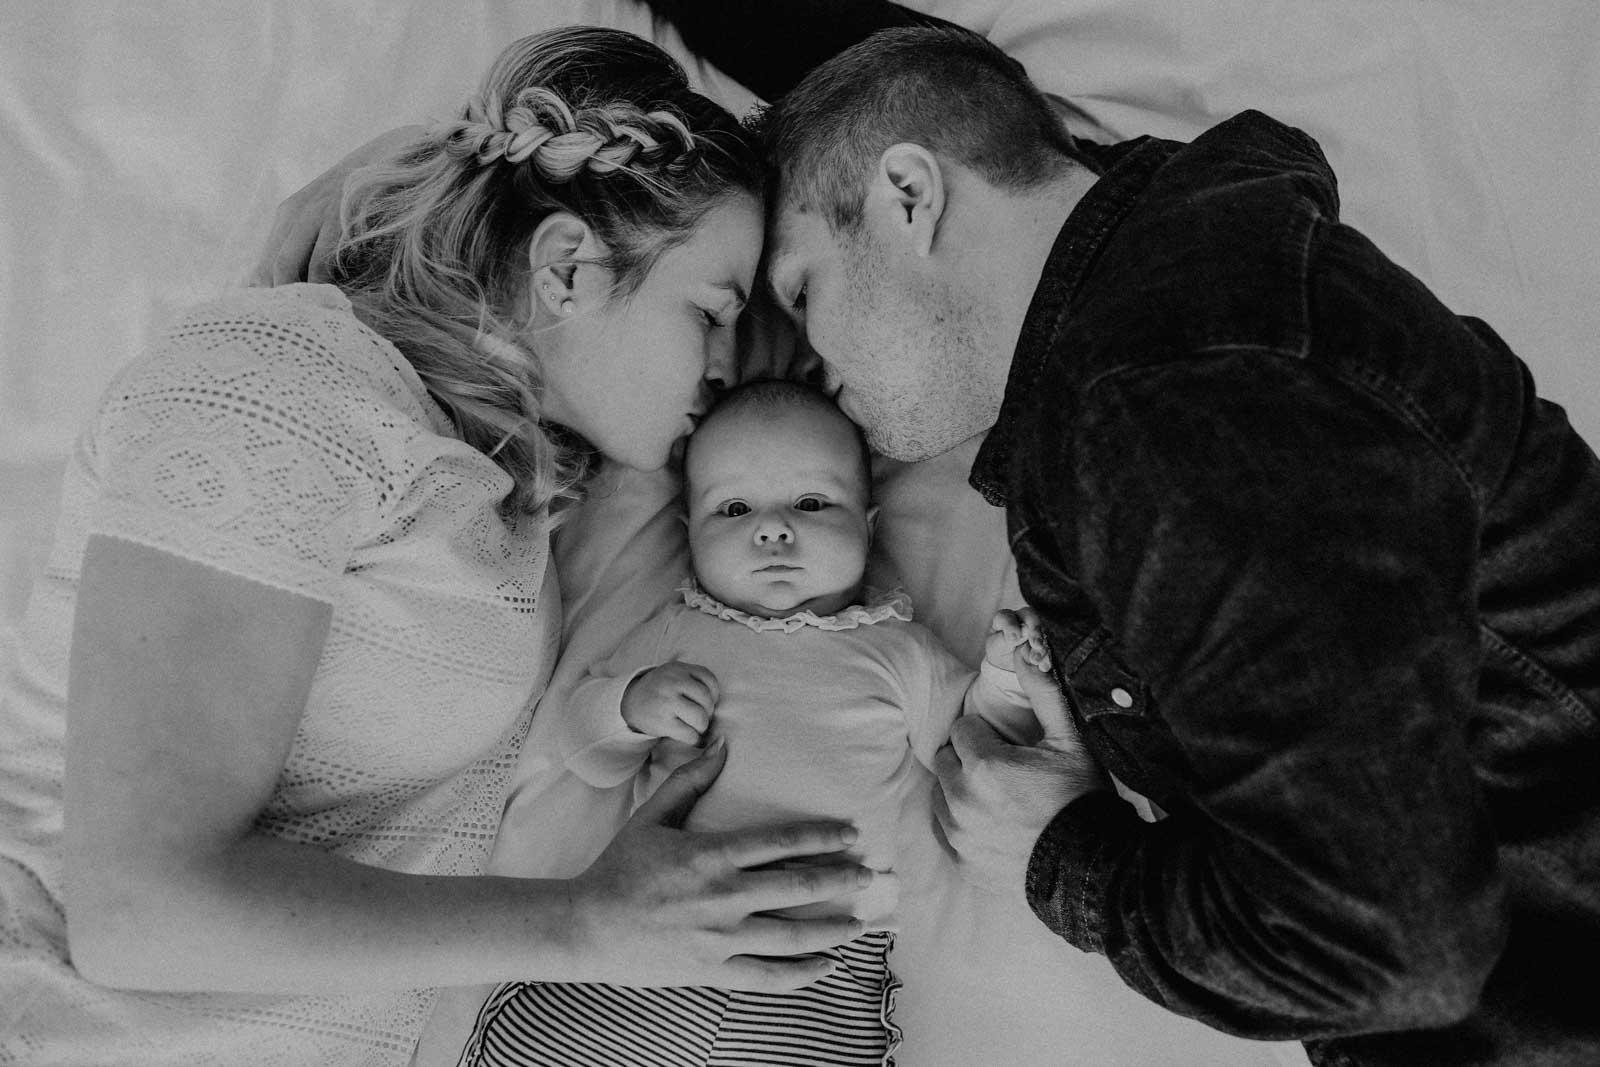 Eltern geben ihrem Baby einen Kuss auf den Kopf